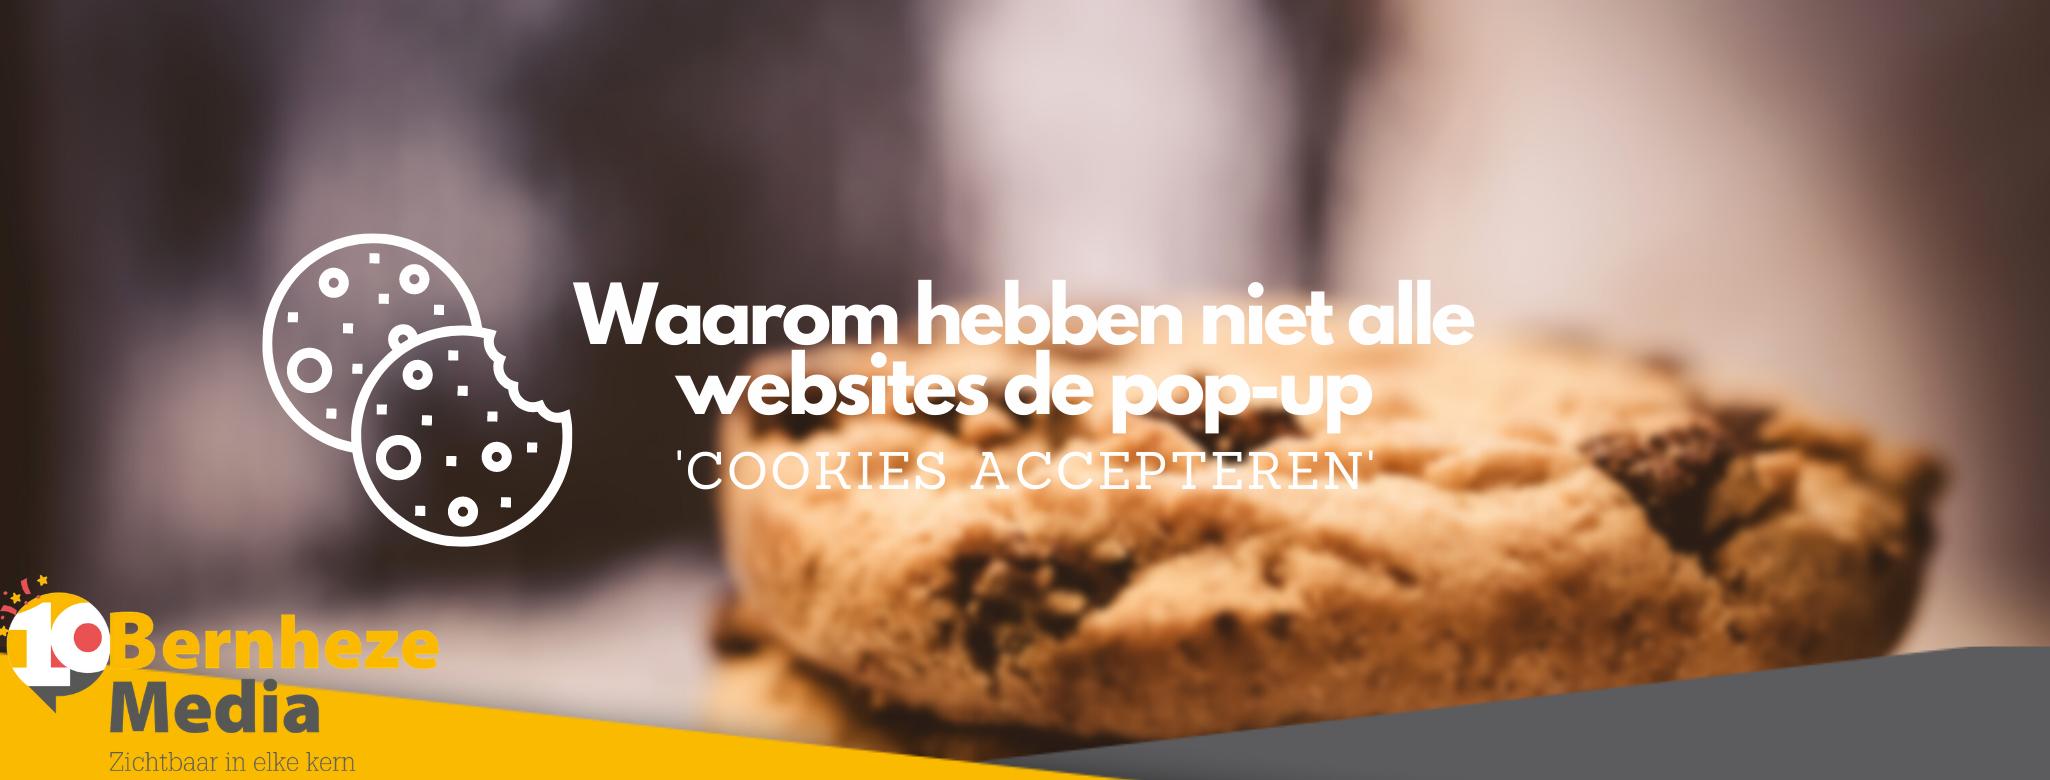 Cookies accepteren - Bernheze Media